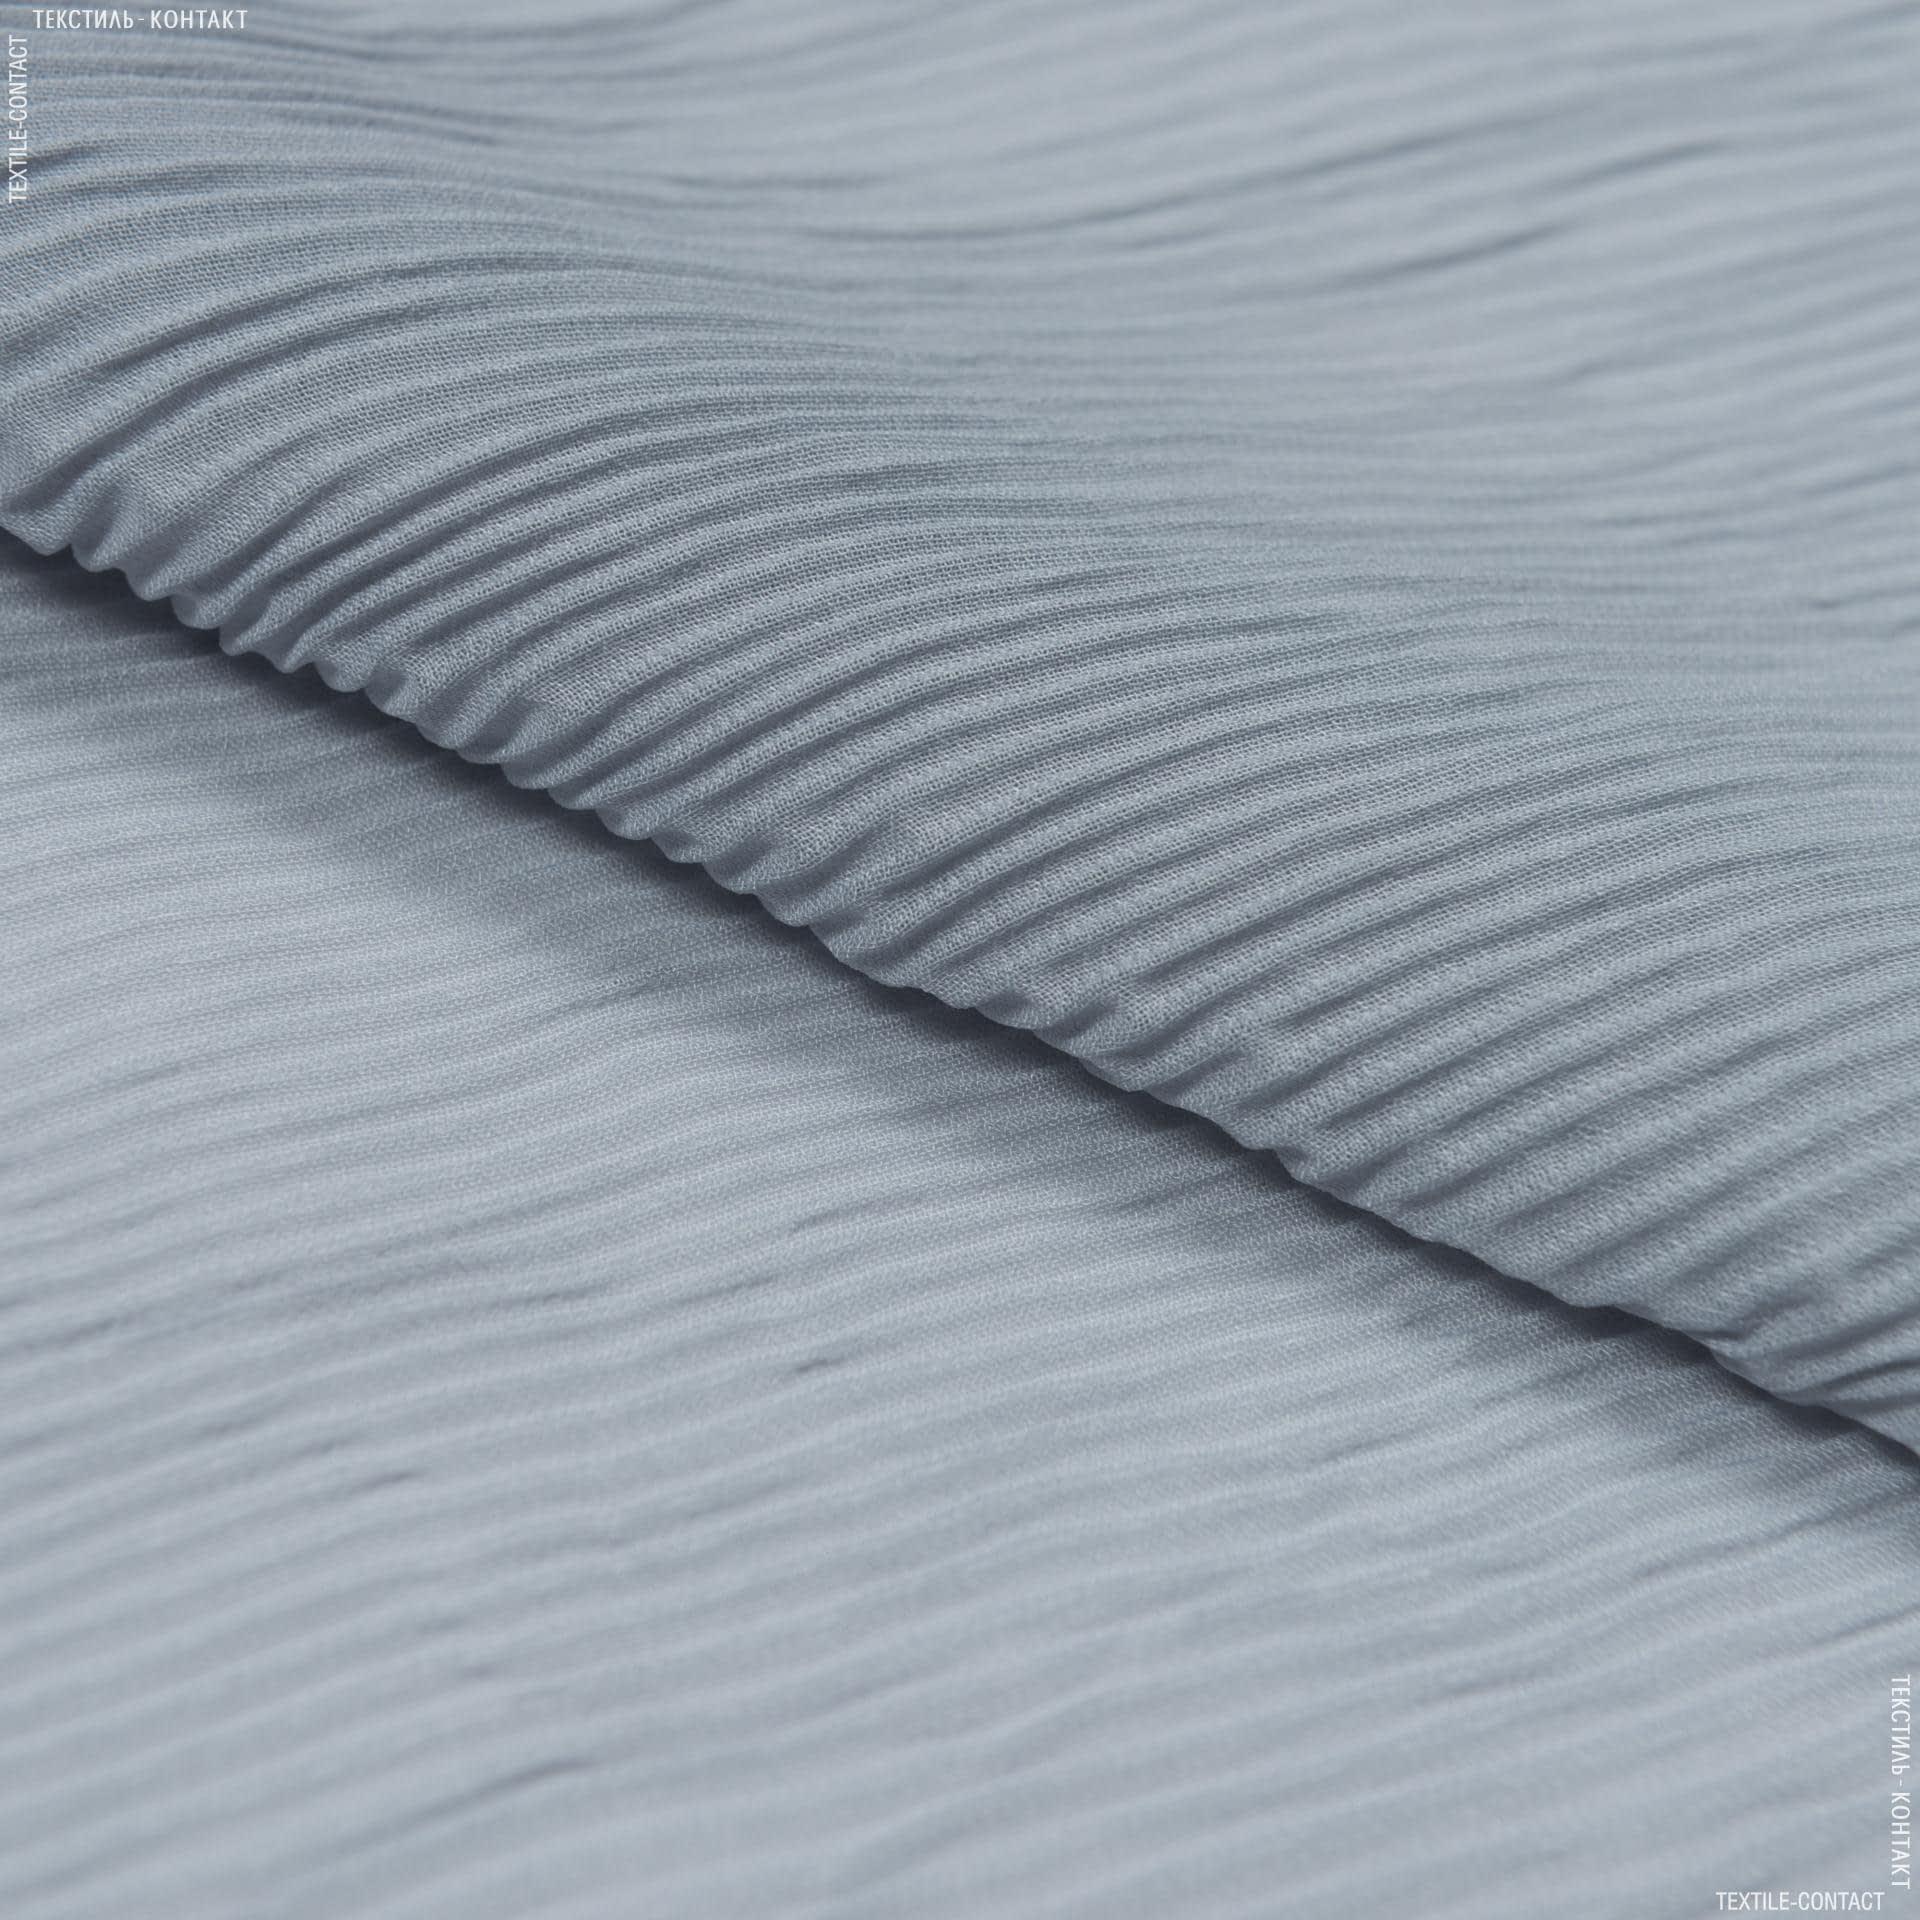 Тканини для суконь - Шифон плісе світло-сірий